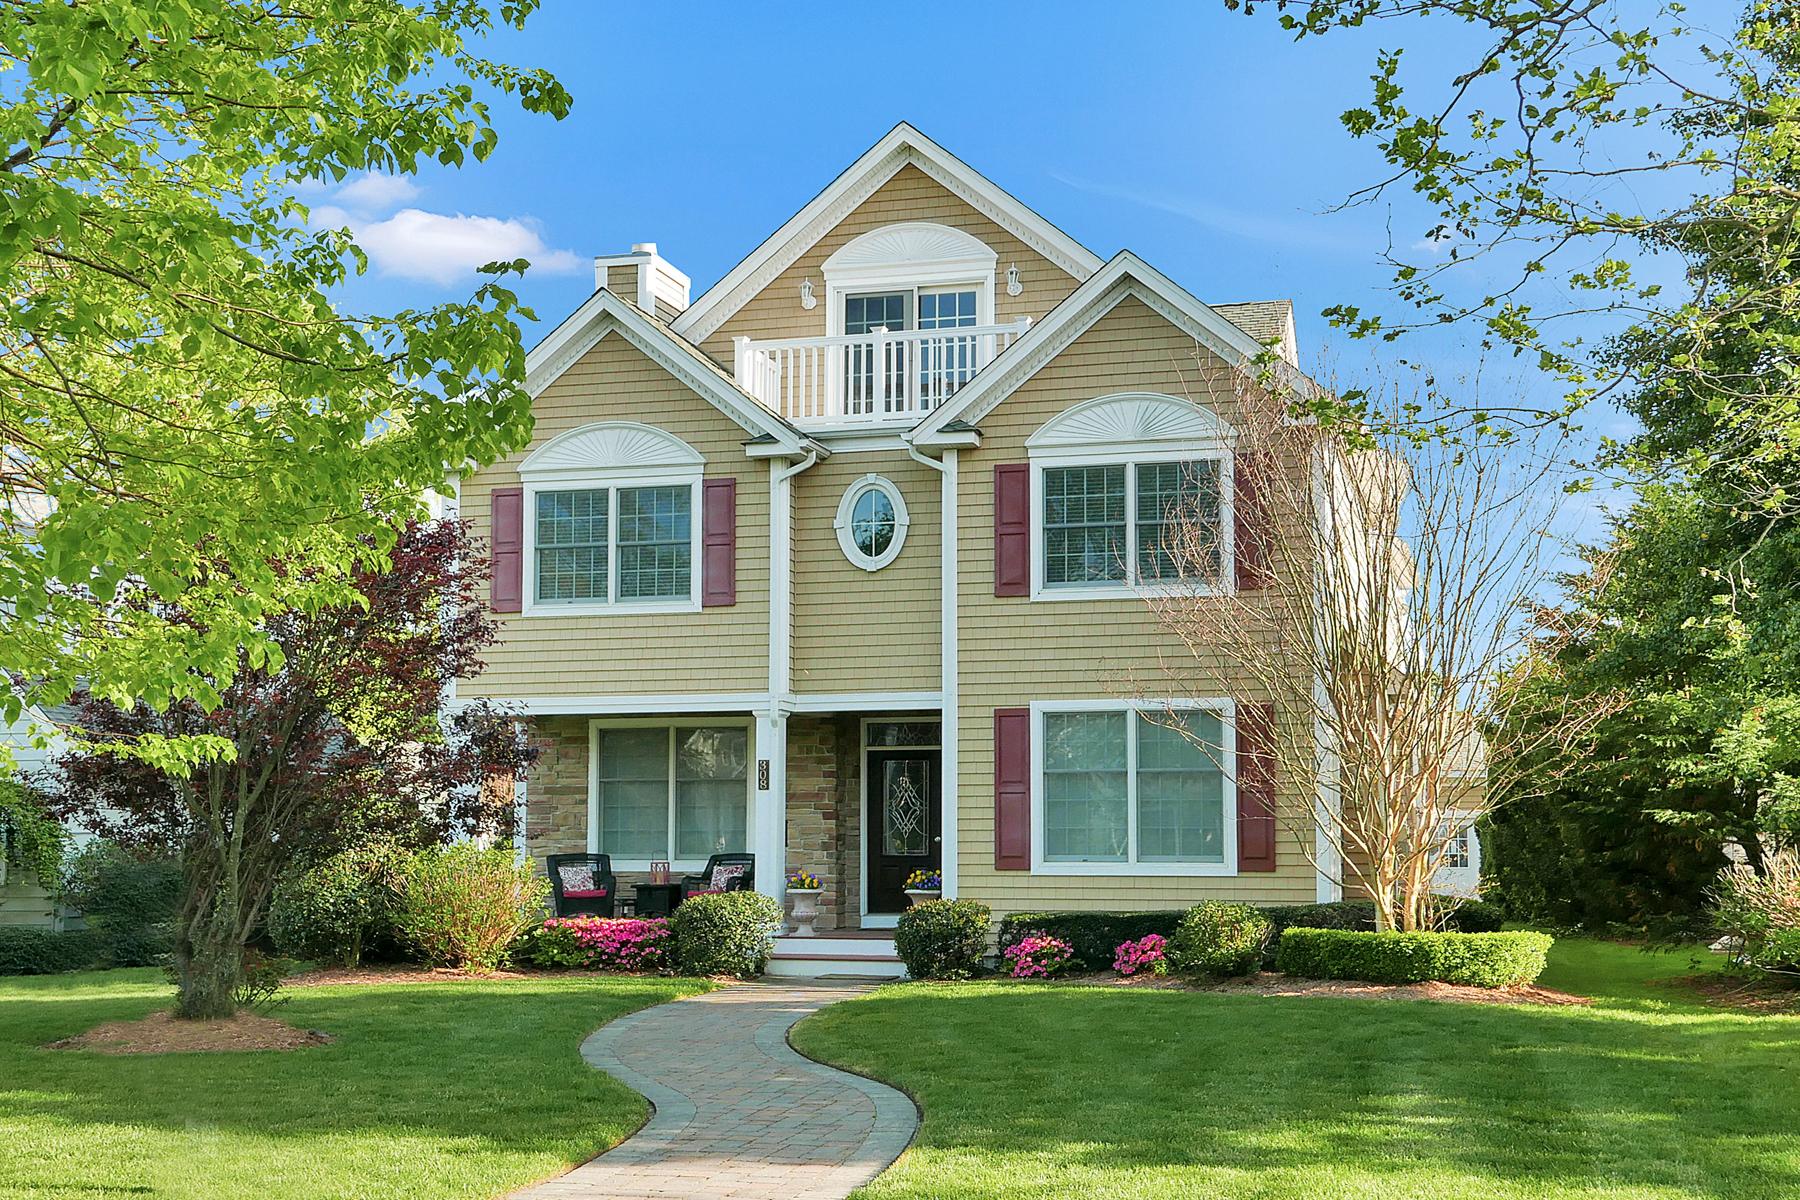 一戸建て のために 売買 アット Impressive Custom Built Home 308 Boston Boulevard Sea Girt, ニュージャージー, 08750 アメリカ合衆国